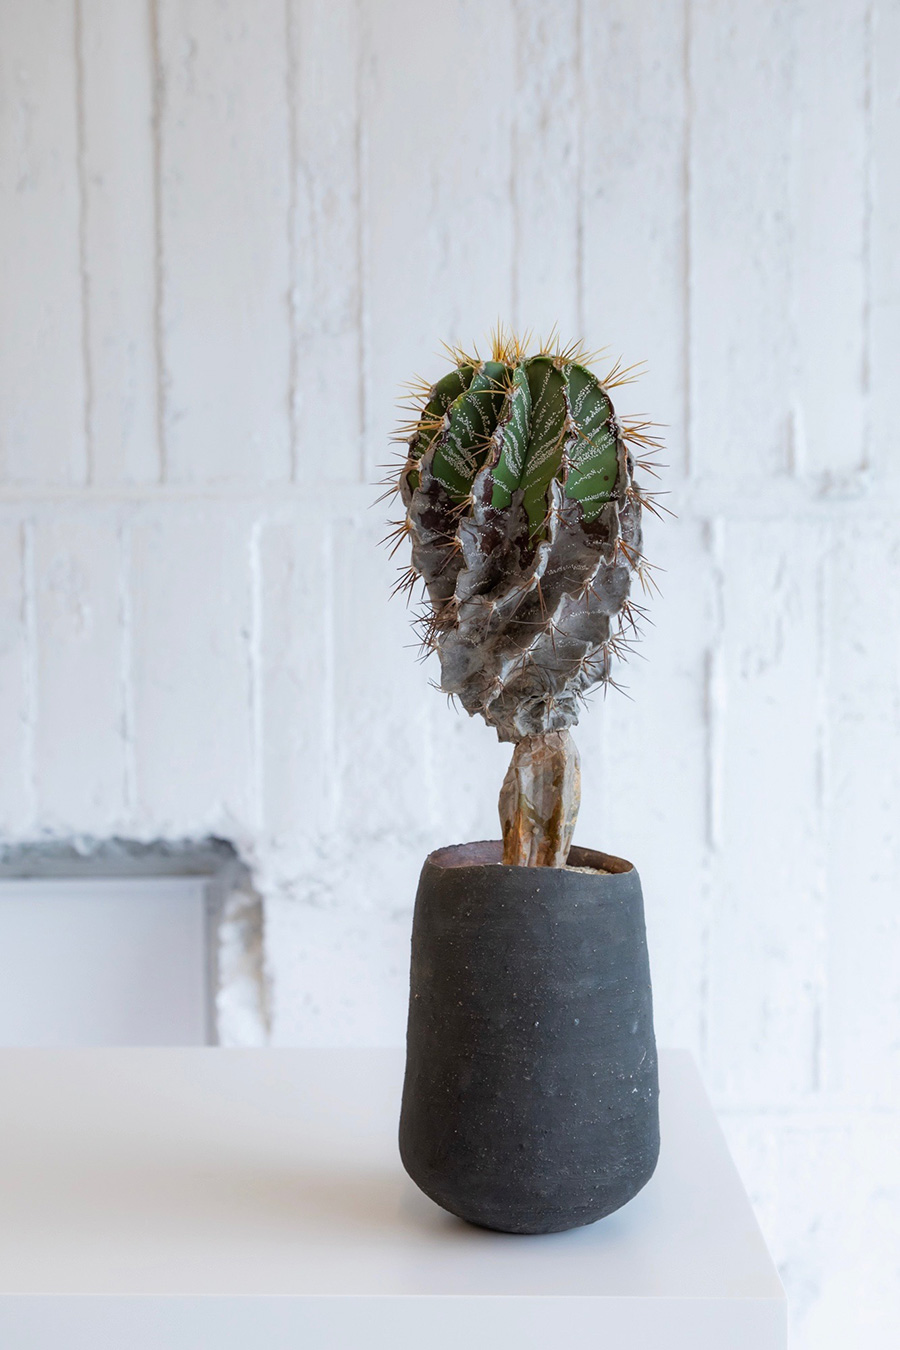 螺旋般若 (らせんはんにゃ)  ¥28,000 鉢は広島の陶芸家佐々木りつ子さん。女性らしい柔らかな器と力強い植物とのバランスが秀逸。